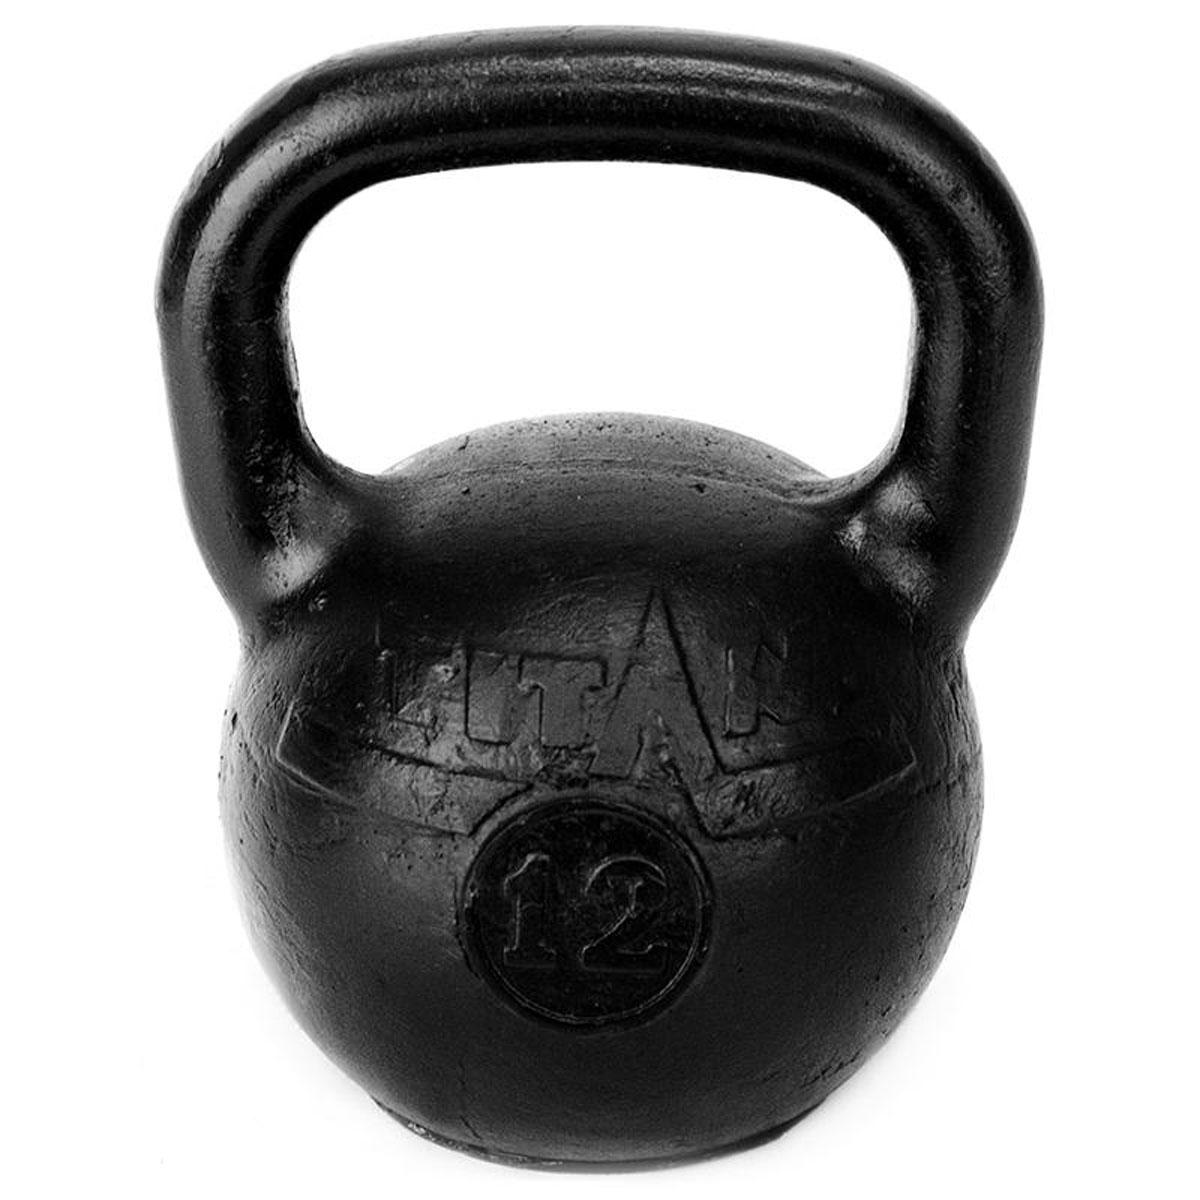 Гиря чугунная Titan, 12 кг40162Гиря Titan выполнена из высококачественного прочного чугуна. Эргономичная рукоятка не скользит в руке, обеспечивая надежный хват. Чугунная гиря прочна, долговечна, устойчива к коррозии и температурам, поэтому является одними из самых популярных спортивных снарядов. Гири - это самое простое и самое гениальное спортивное оборудование для развития мышечной массы. Правильно поставленные тренировки с ними позволяют не только нарастить мышечную массу, но и развить повышенную выносливость, укрепляют сердечнососудистую систему и костно-мышечный аппарат.Вес гири: 12 кг.